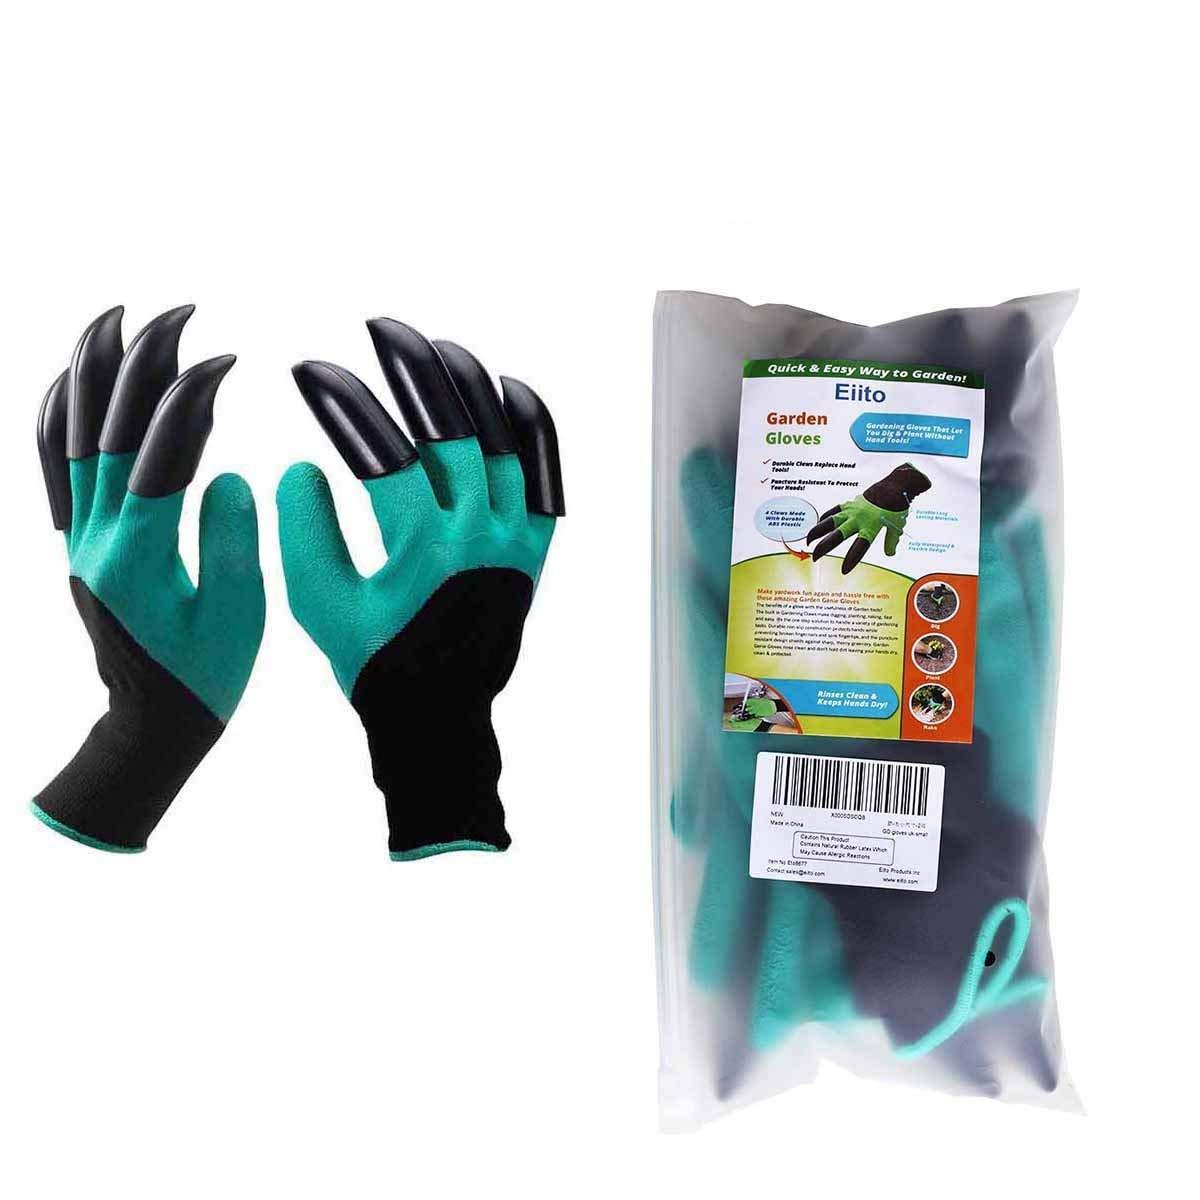 Garden genie gloves (right+left), gardening gloves claw easy to digging and Garden glove planting, raking safe eiito